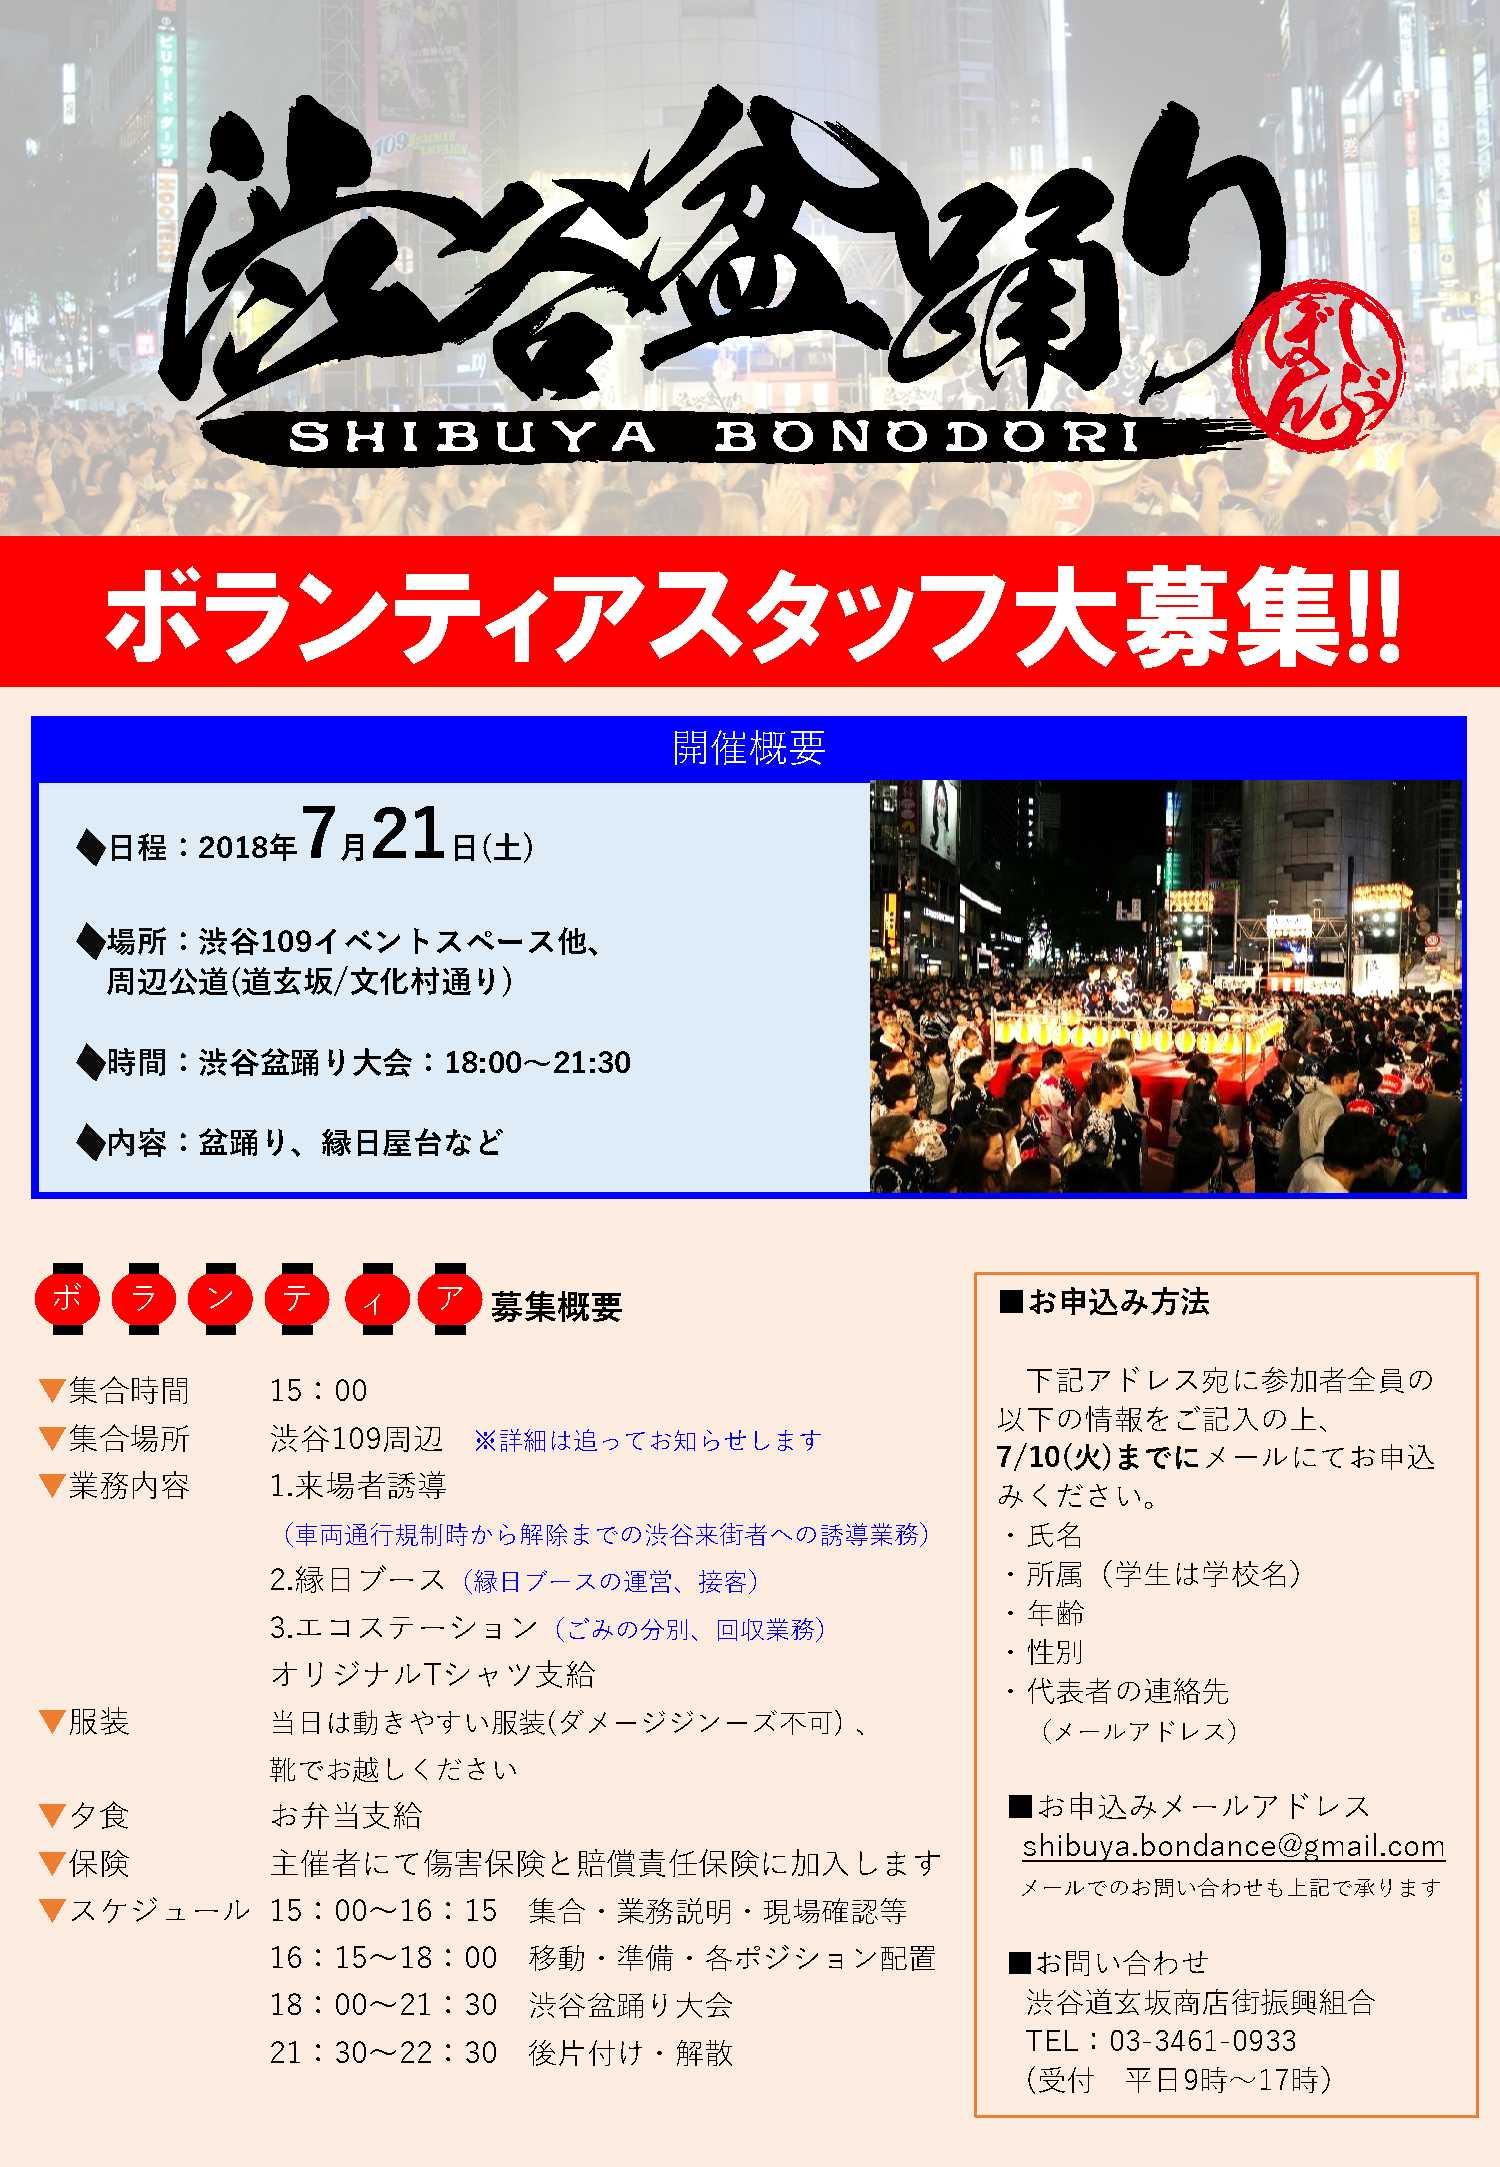 渋谷盆踊りボランティア